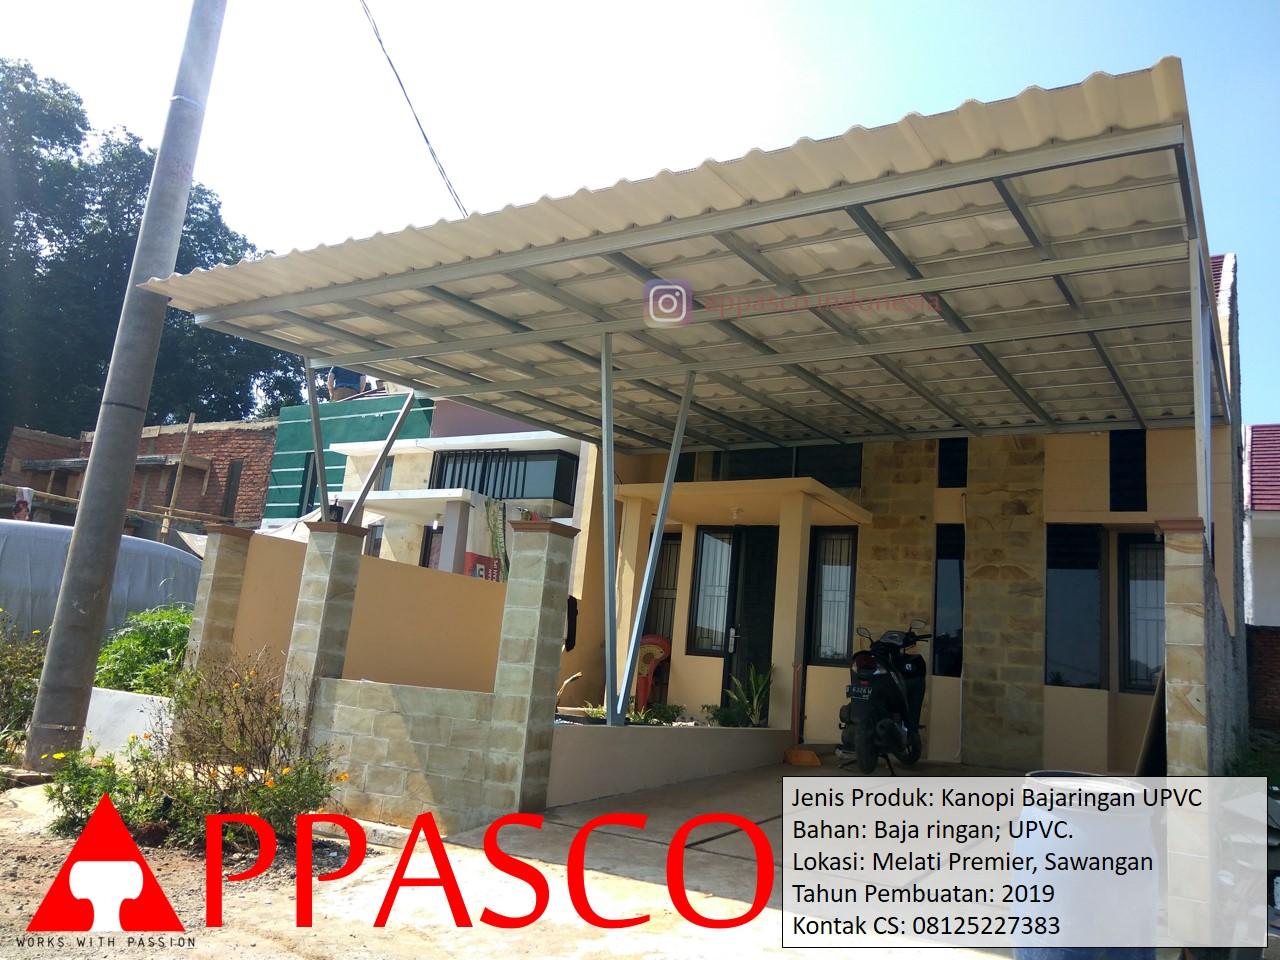 Kanopi Baja ringan UPVC di Sawangan